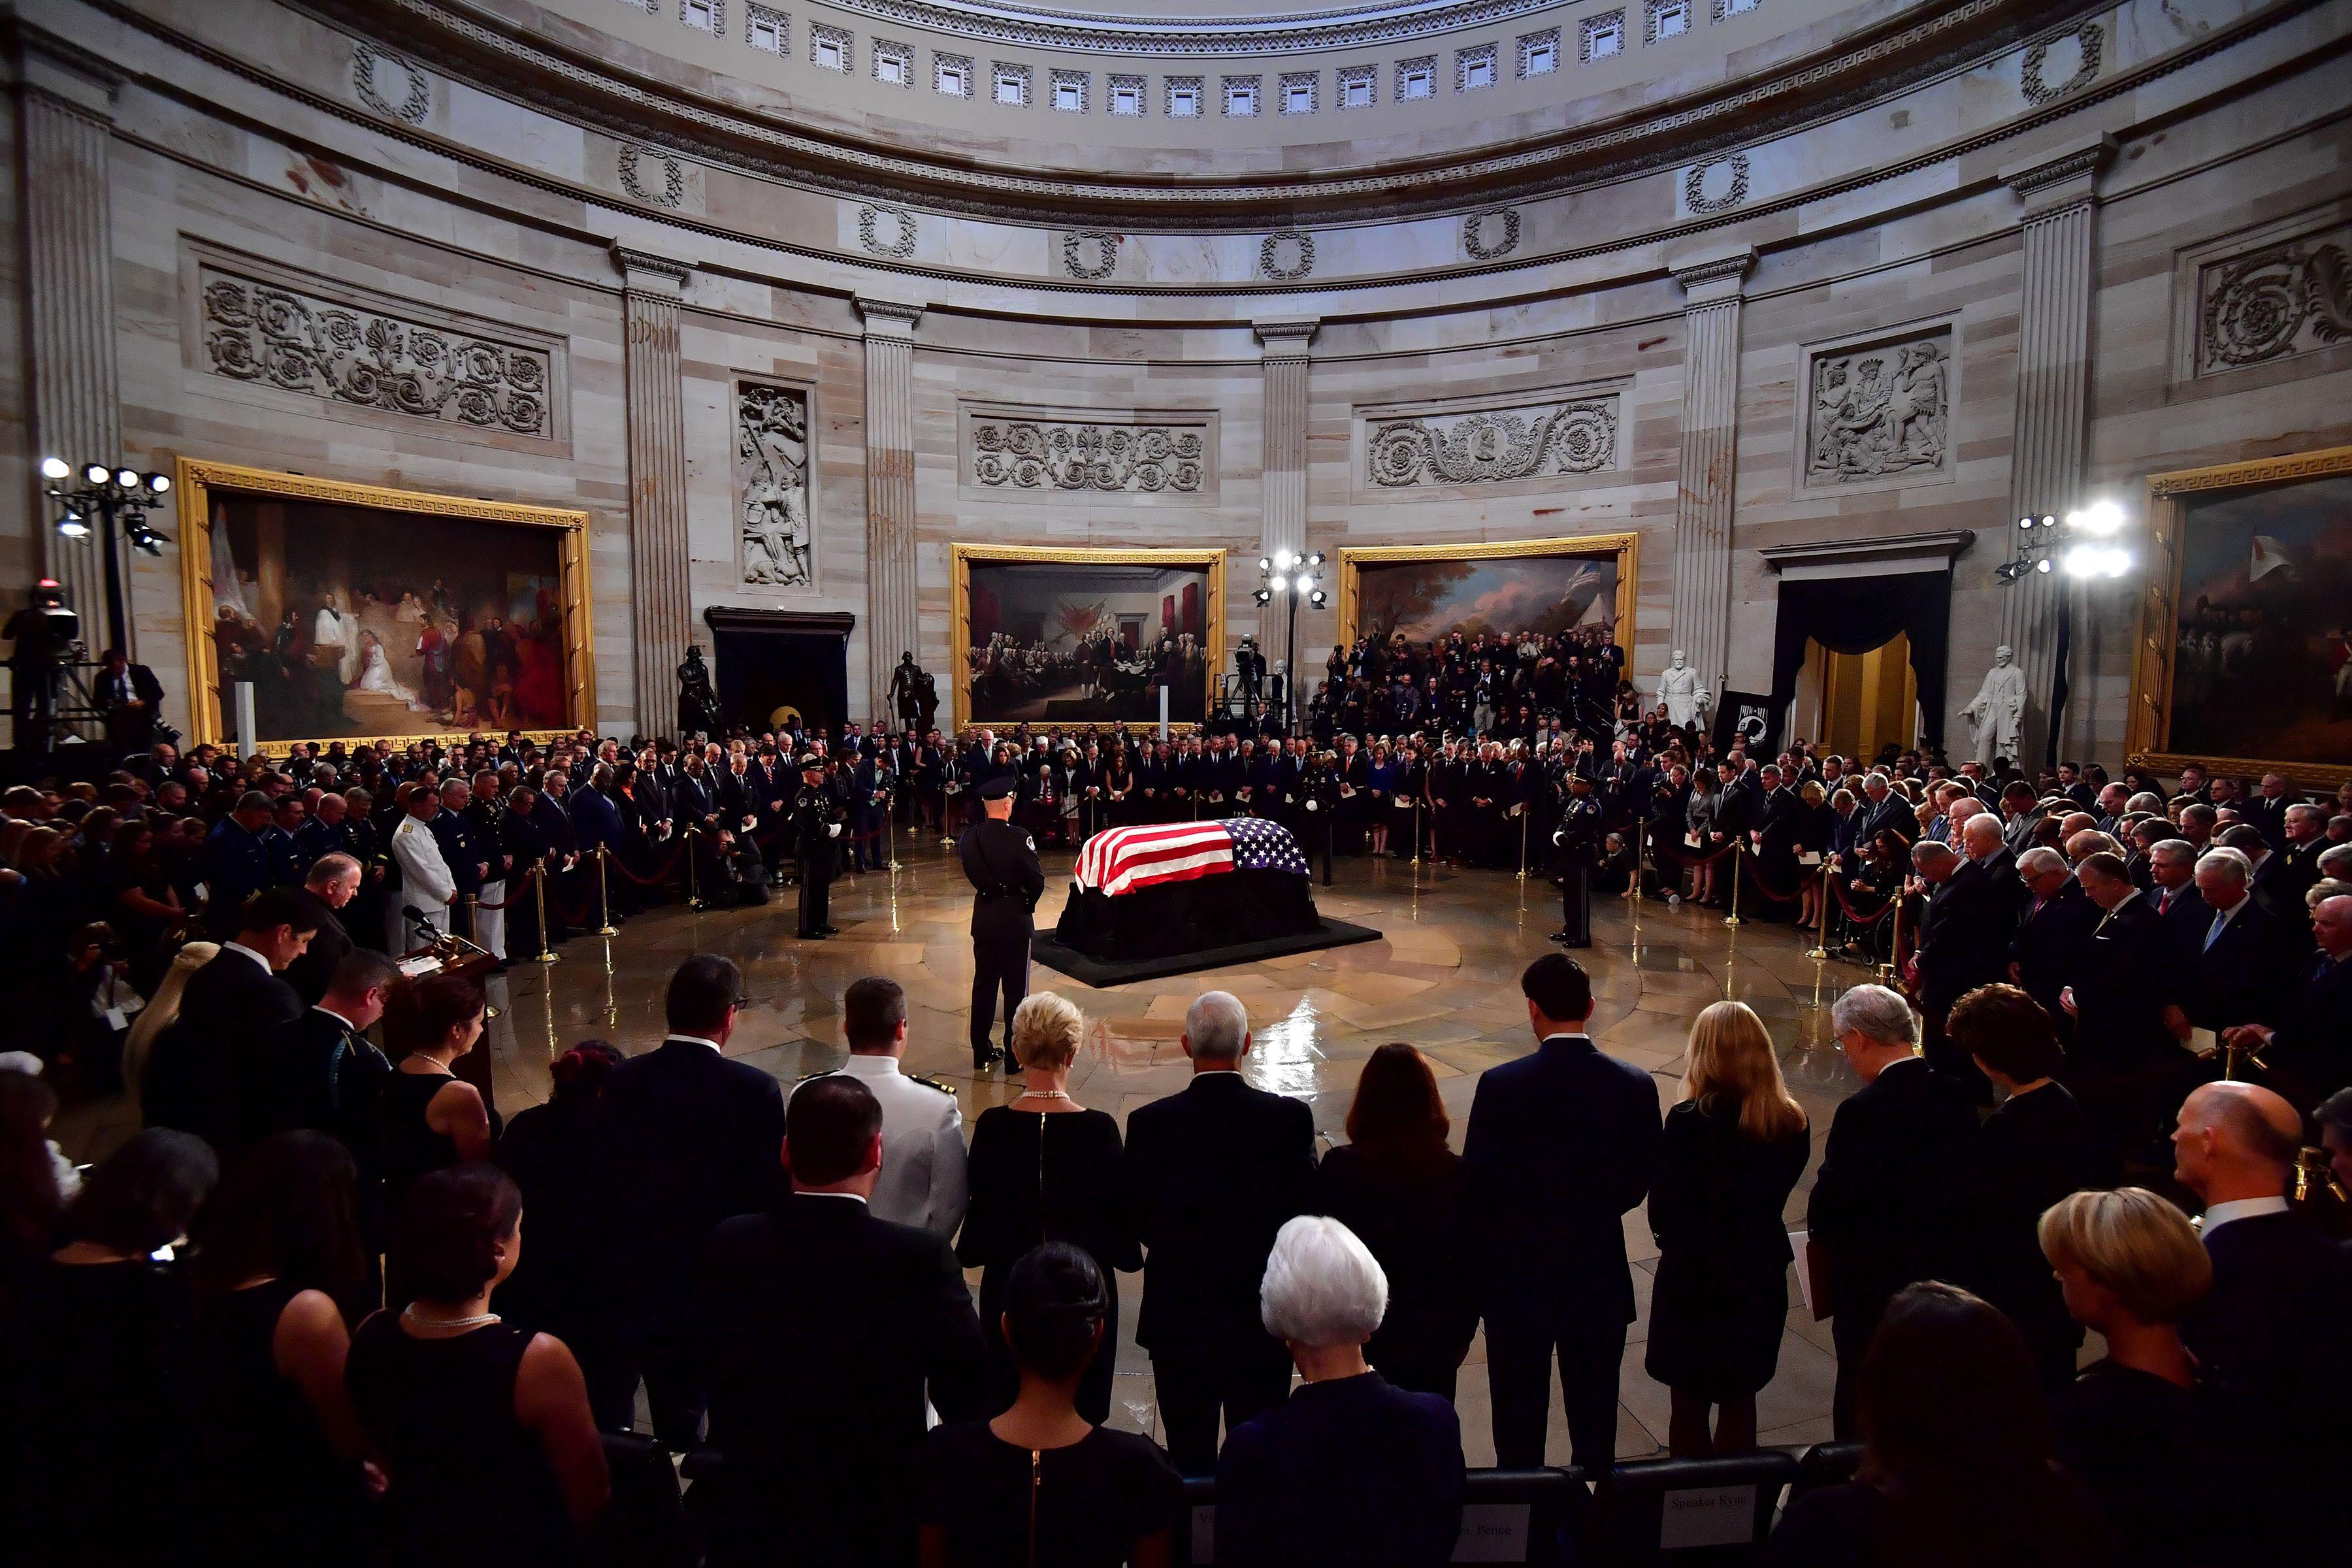 جثمان جون ماكين بالكونجرس الأمريكى